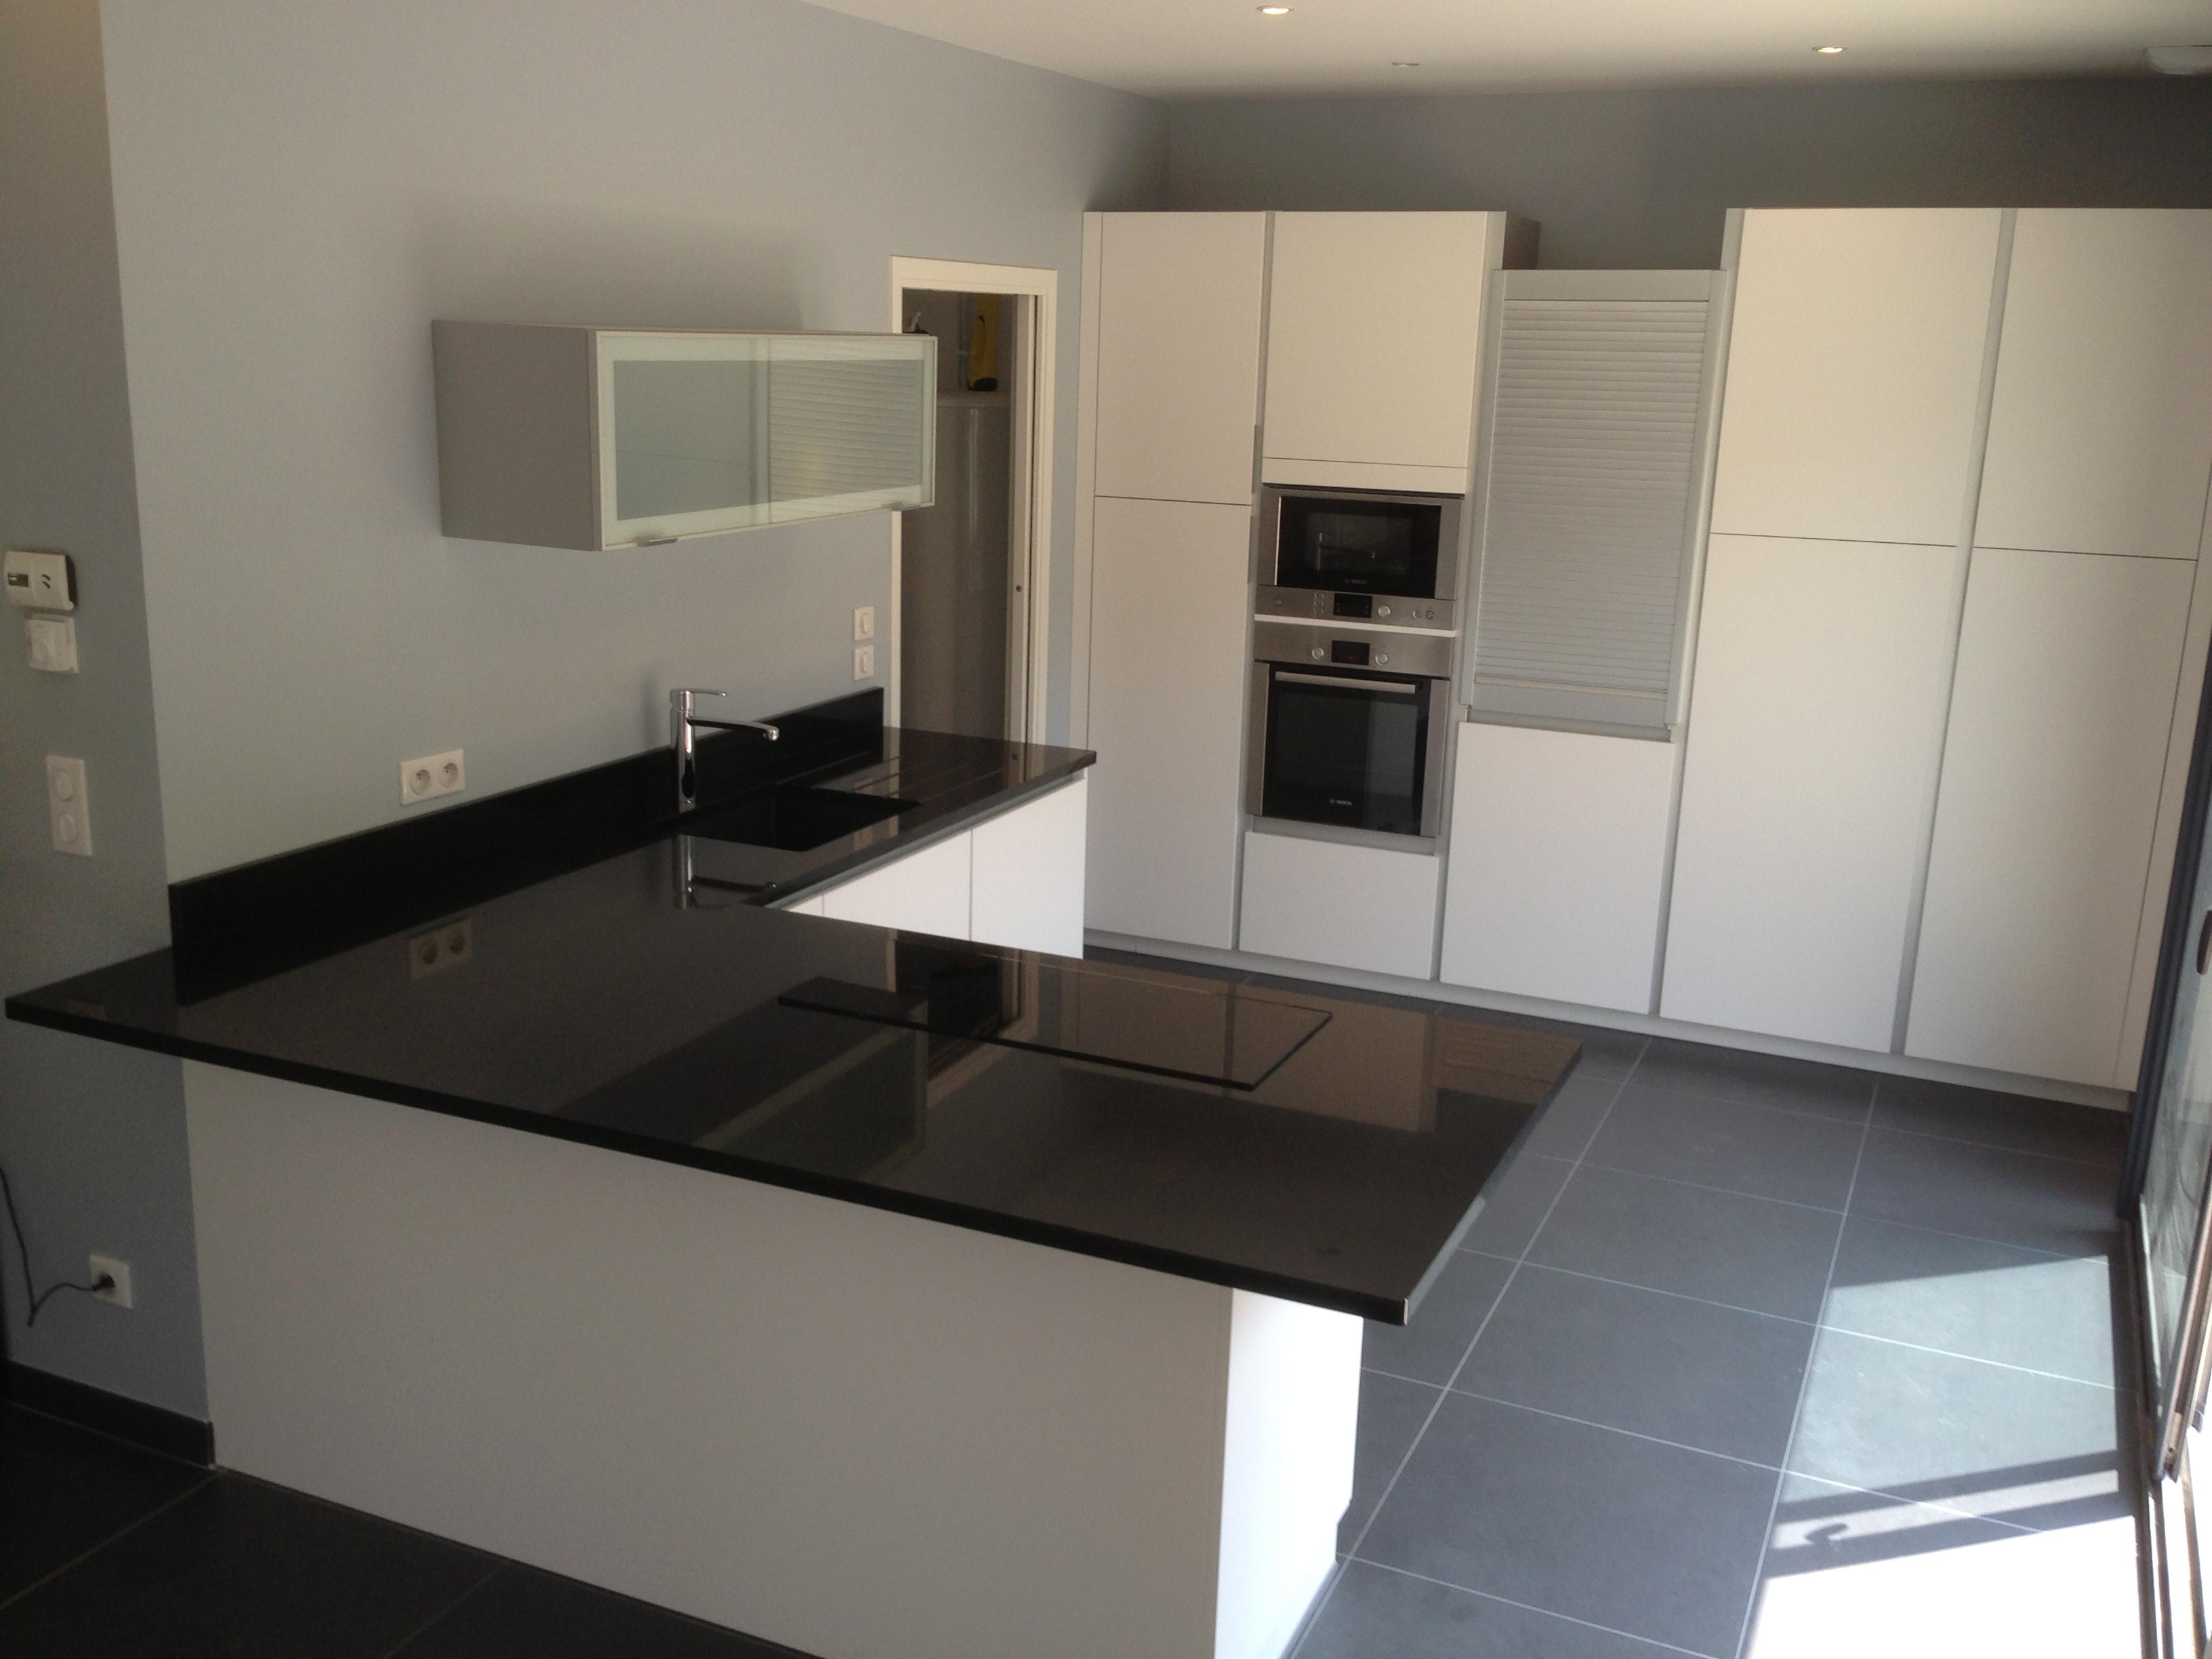 plan de travail granit quartz table en mabre paris essonne plan de travail en granit. Black Bedroom Furniture Sets. Home Design Ideas